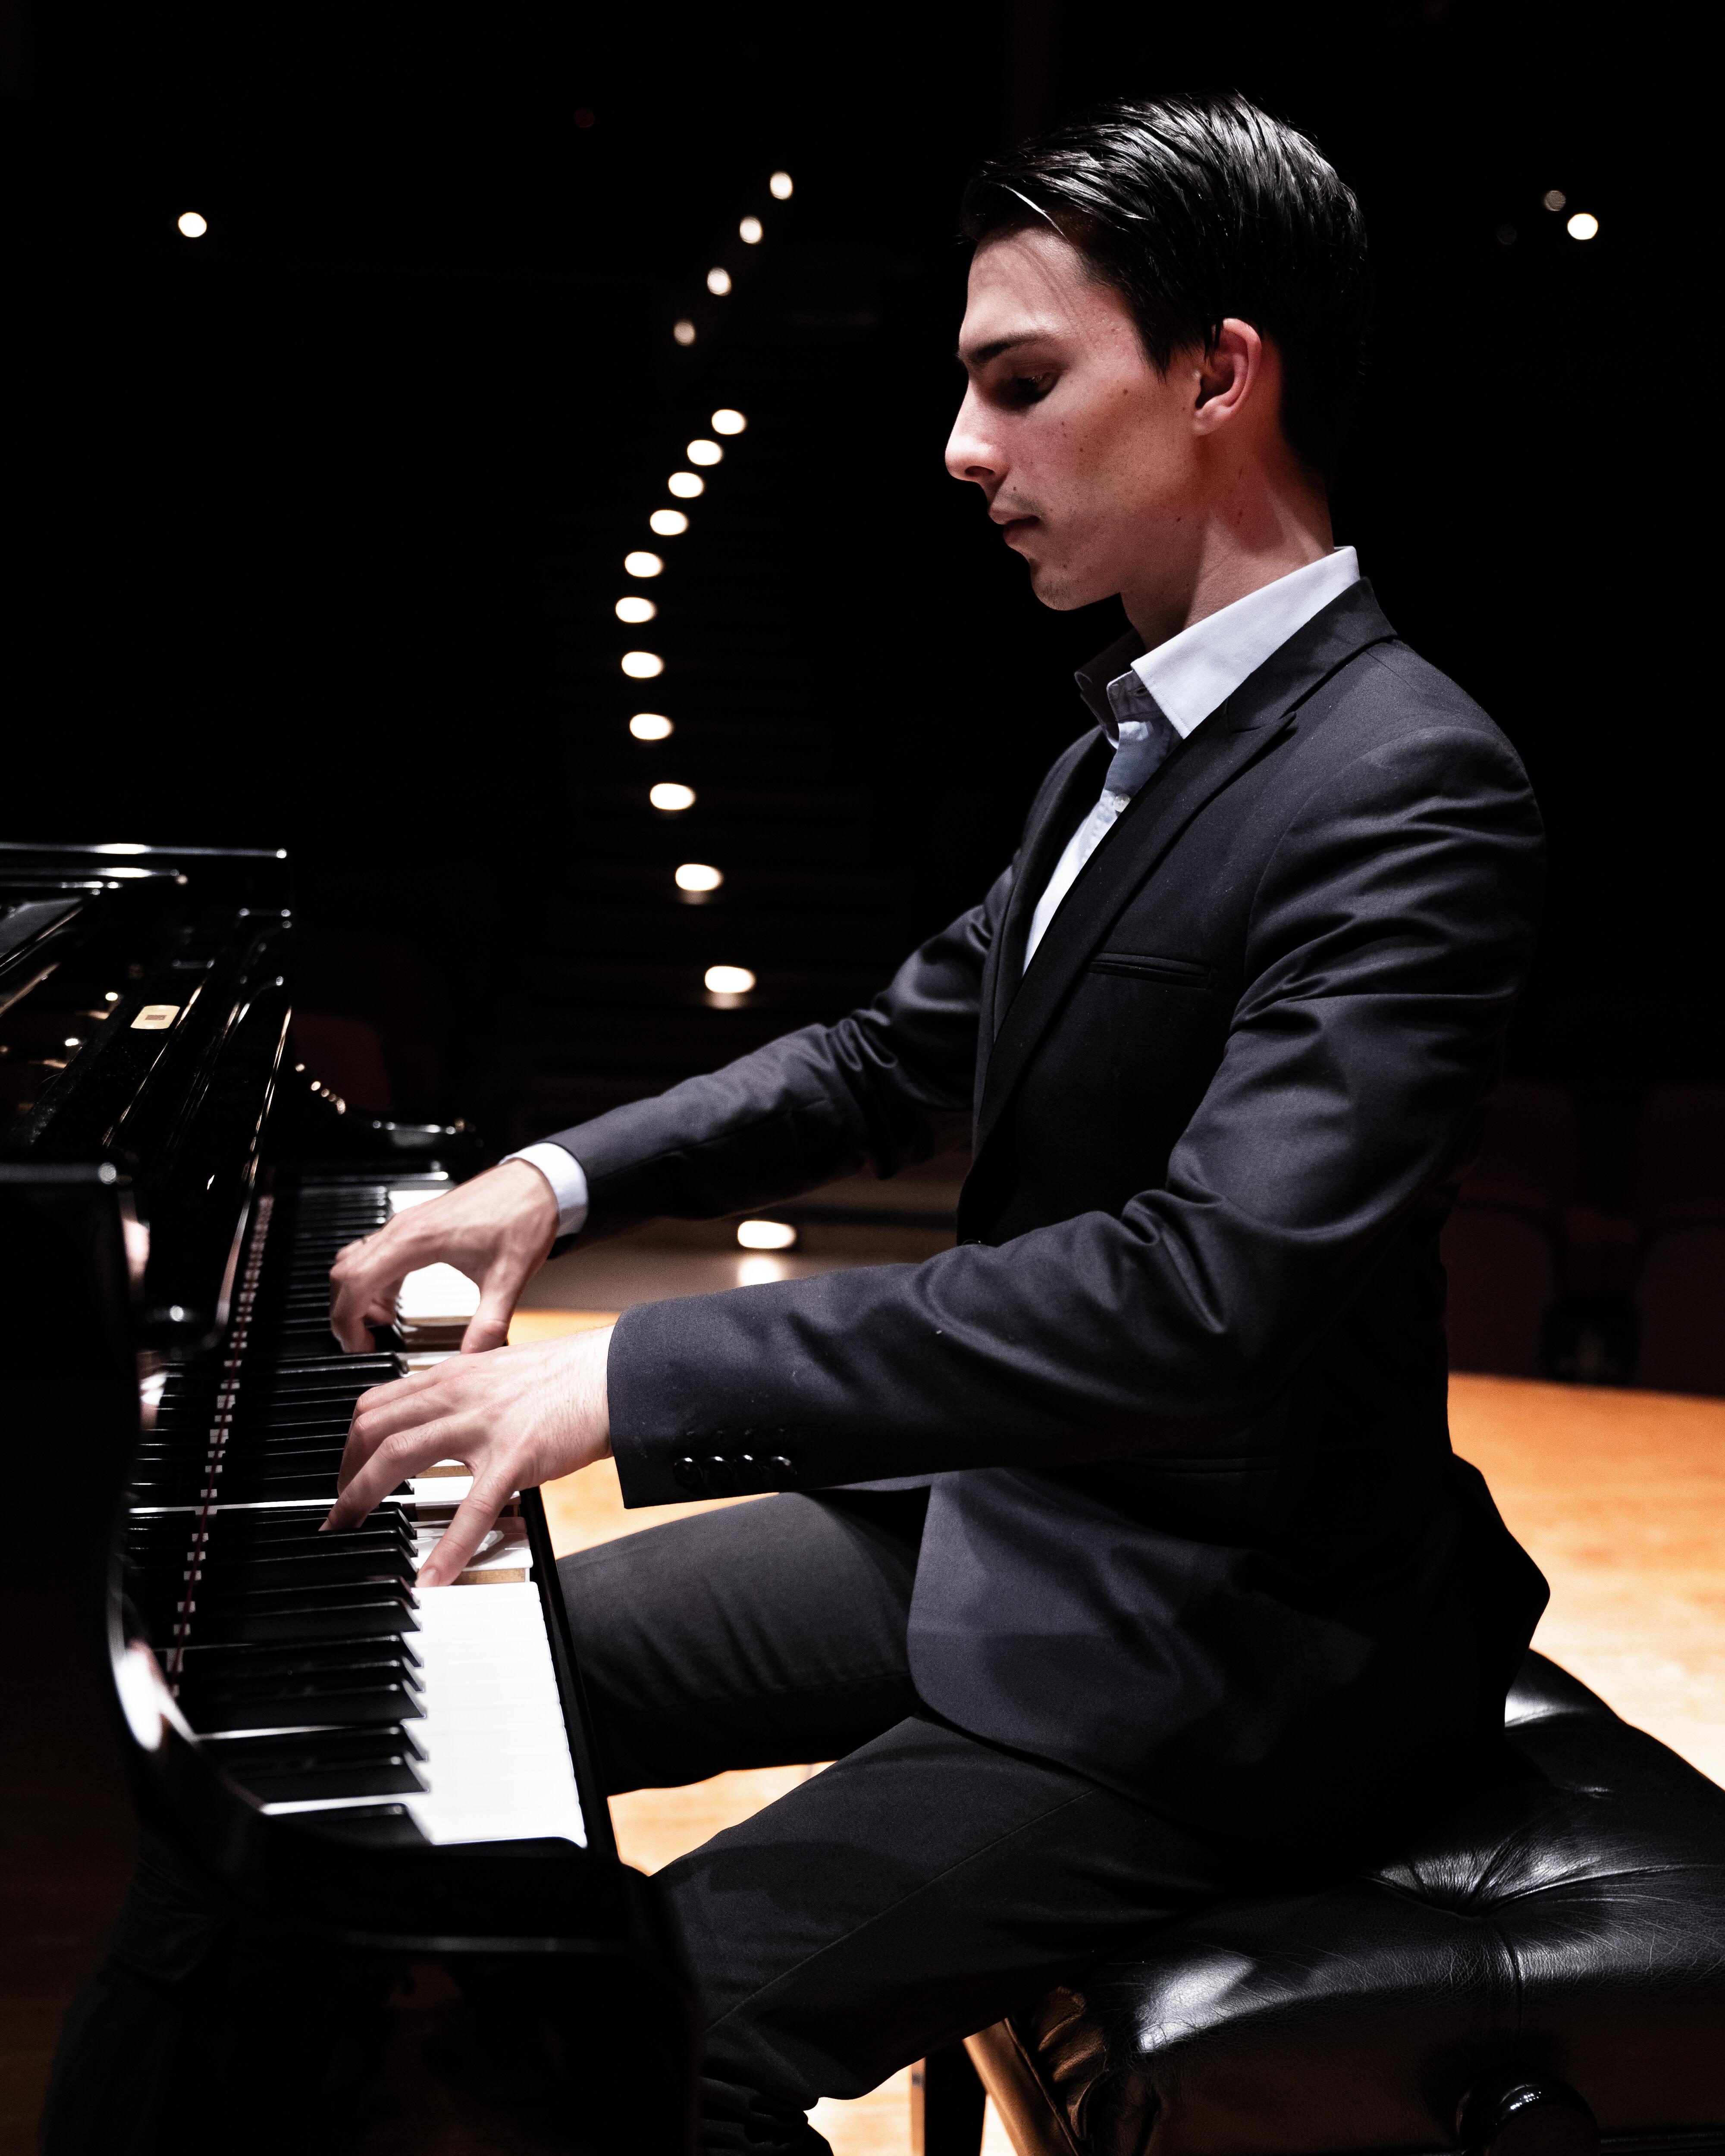 A pianist improvising at a grand Yamaha piano.